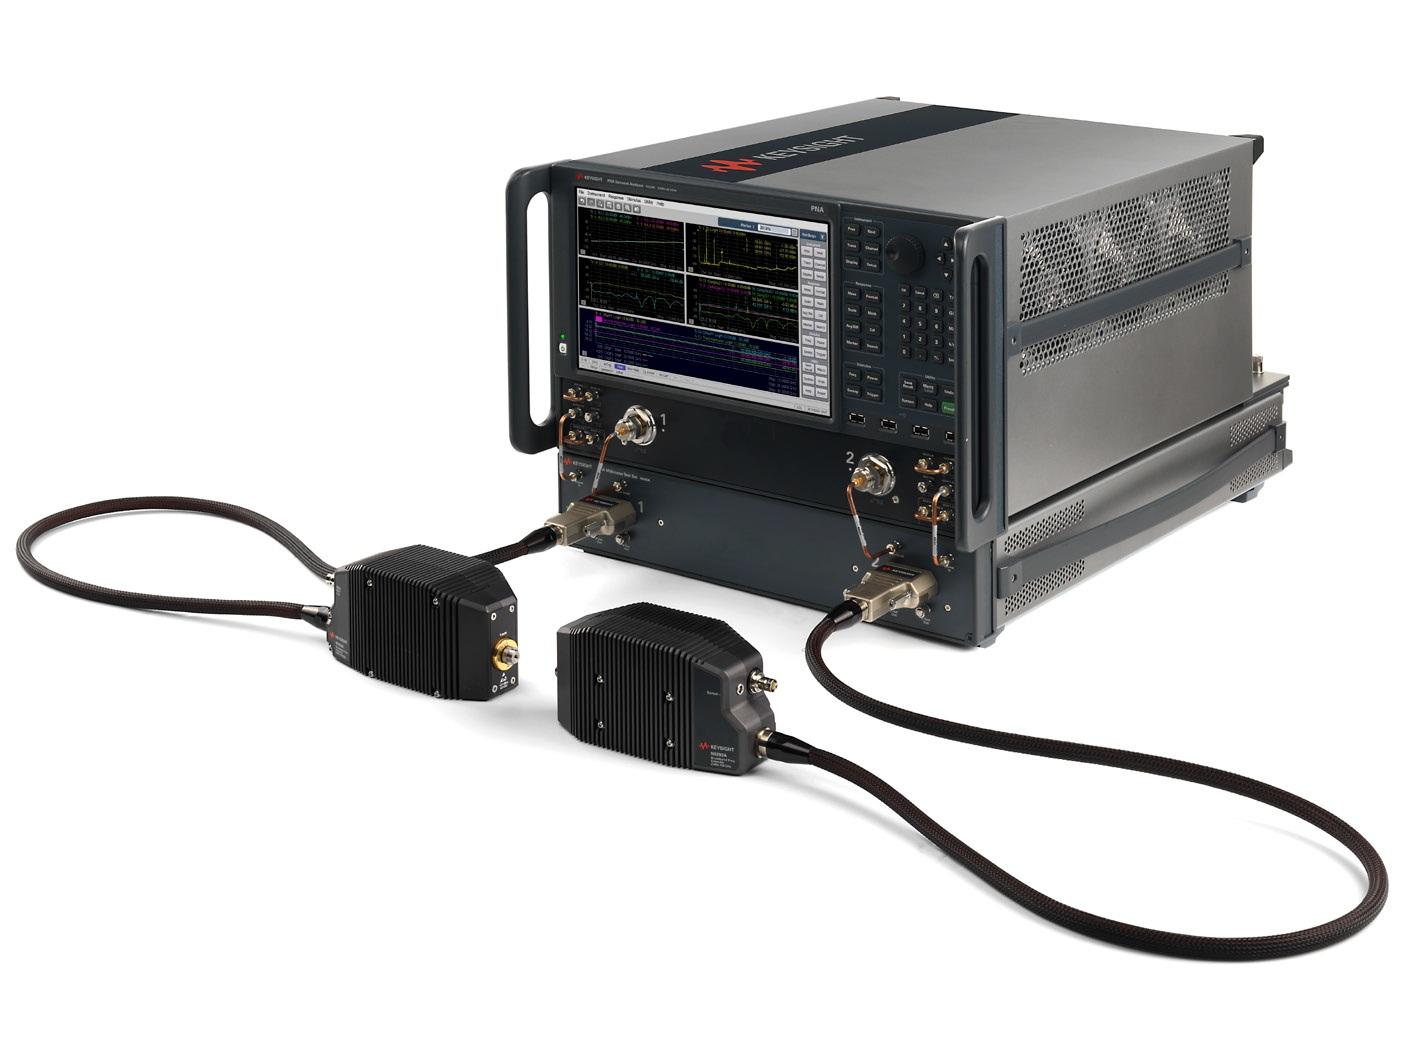 Автоматизированная система тестирования устройств СВЧ и миллиметрового диапазона до 120 ГГц